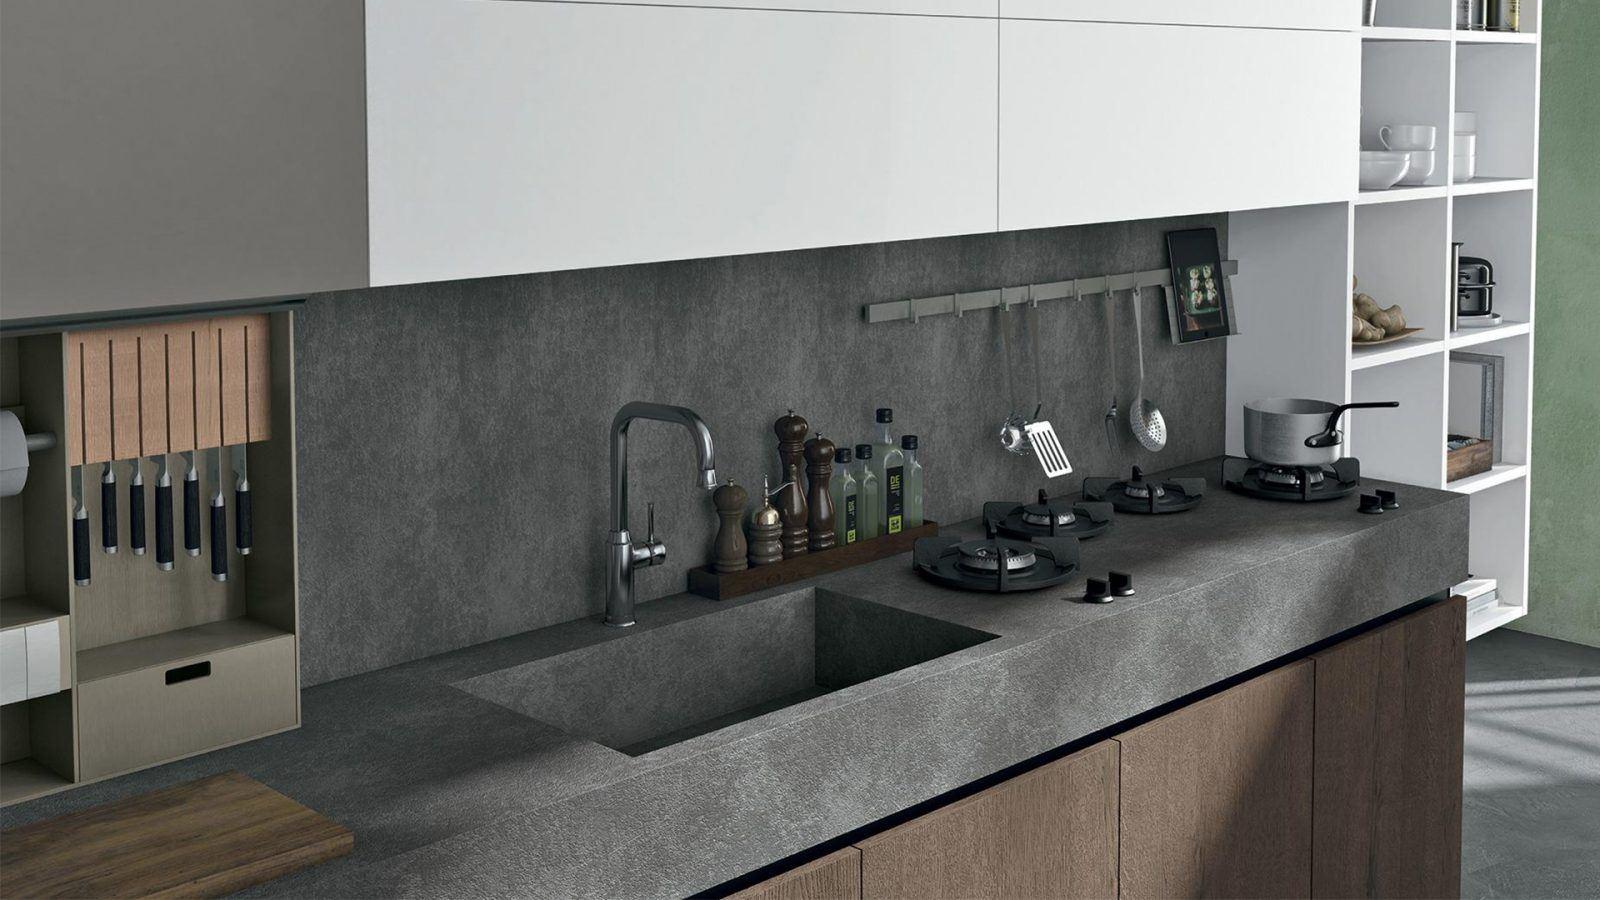 Cucine di design moderno e contemporaneo a padova for Cucine design